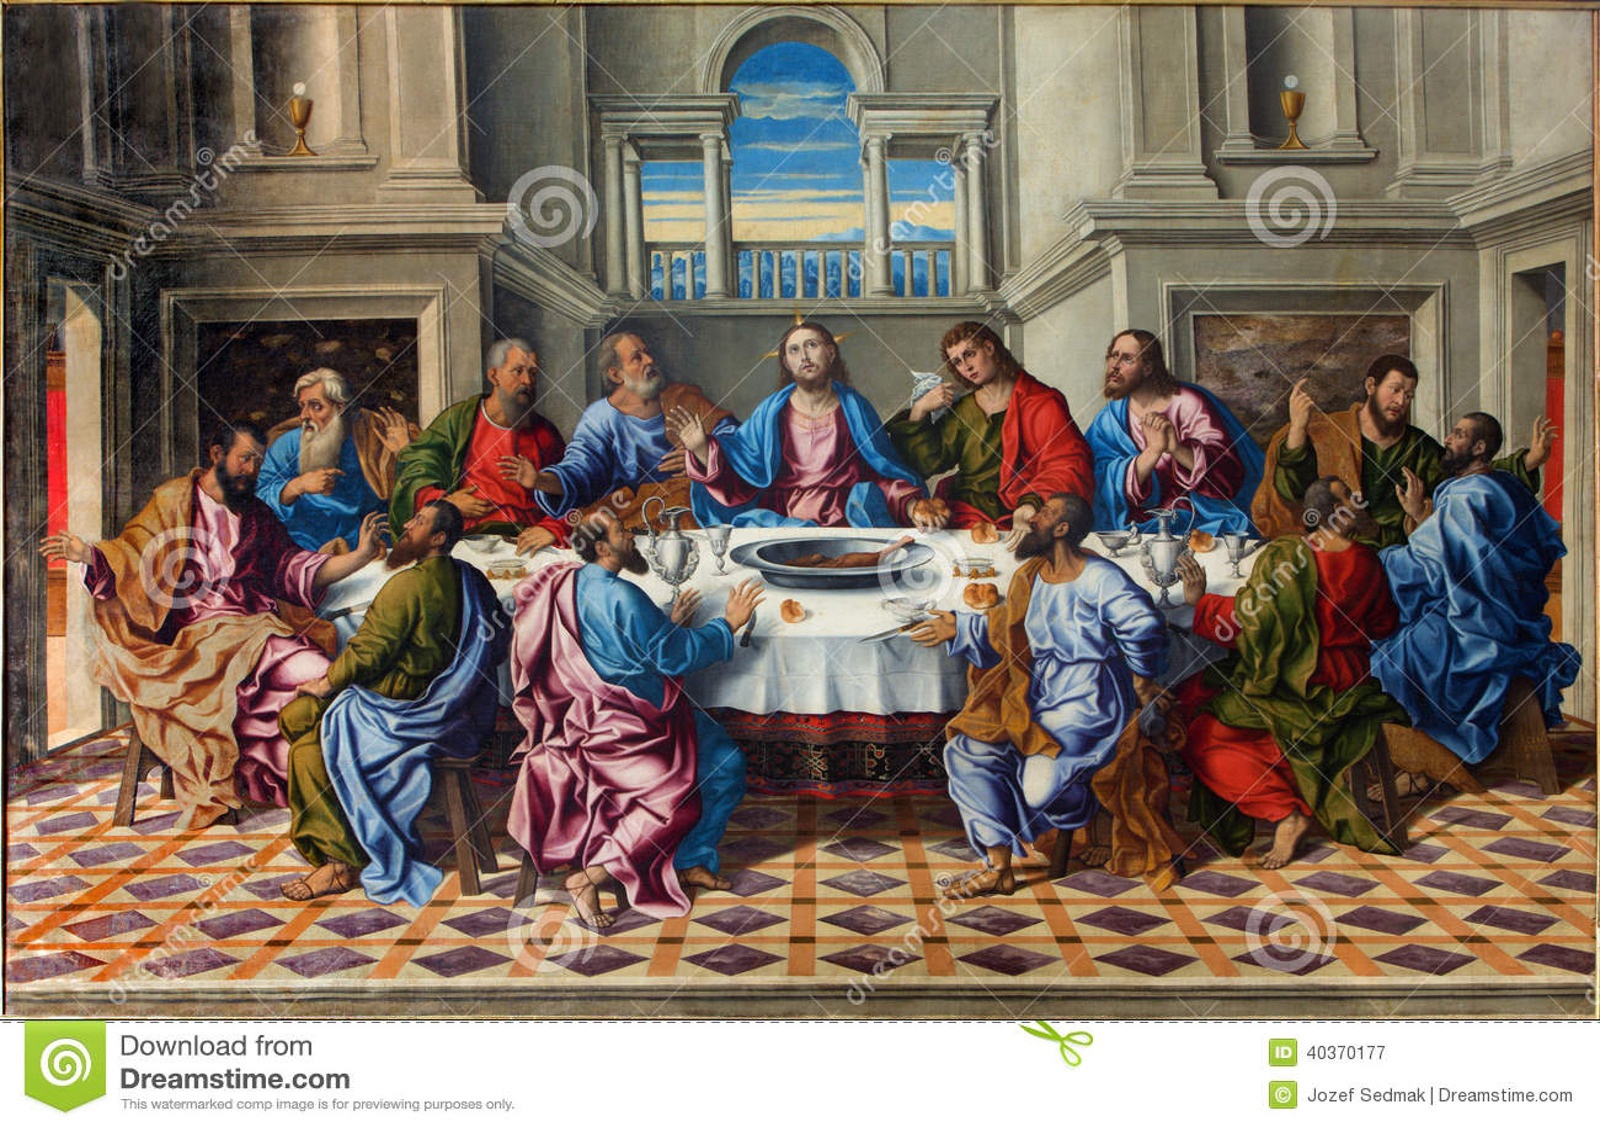 Venise - le dernier dîner du cena de dernière syllabe d un mot du Christ par Girolamo da Santacroce (1490 - 1556)